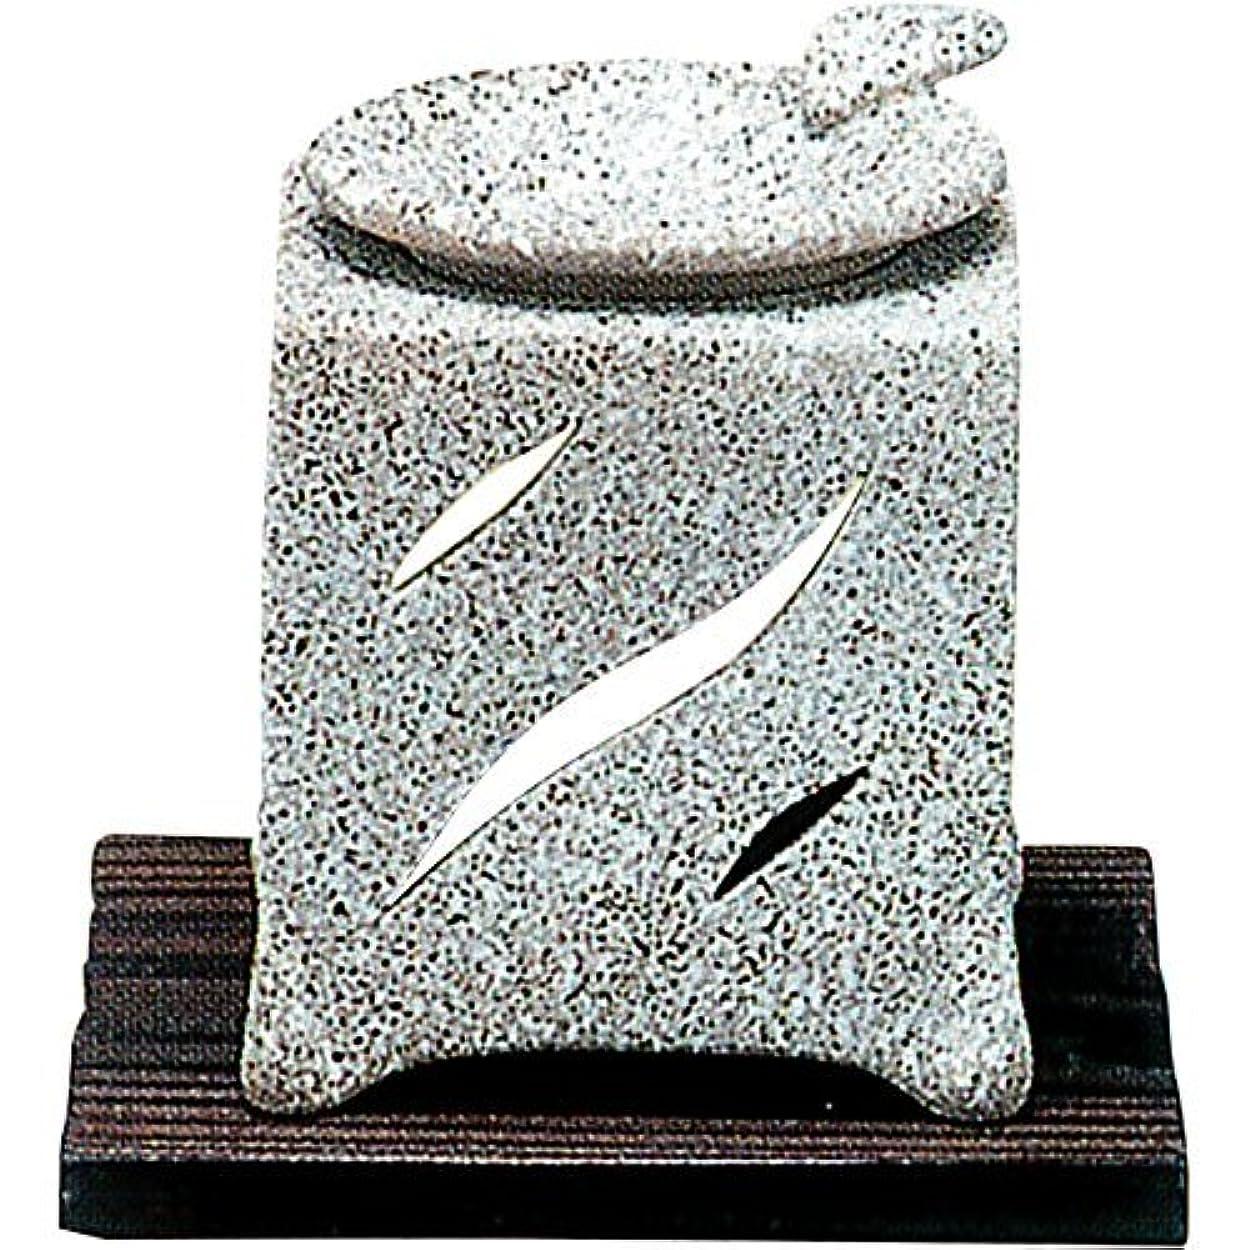 感度花瓶料理をする常滑焼 5-261 山房石風角形茶香炉 山房10×10×H12㎝